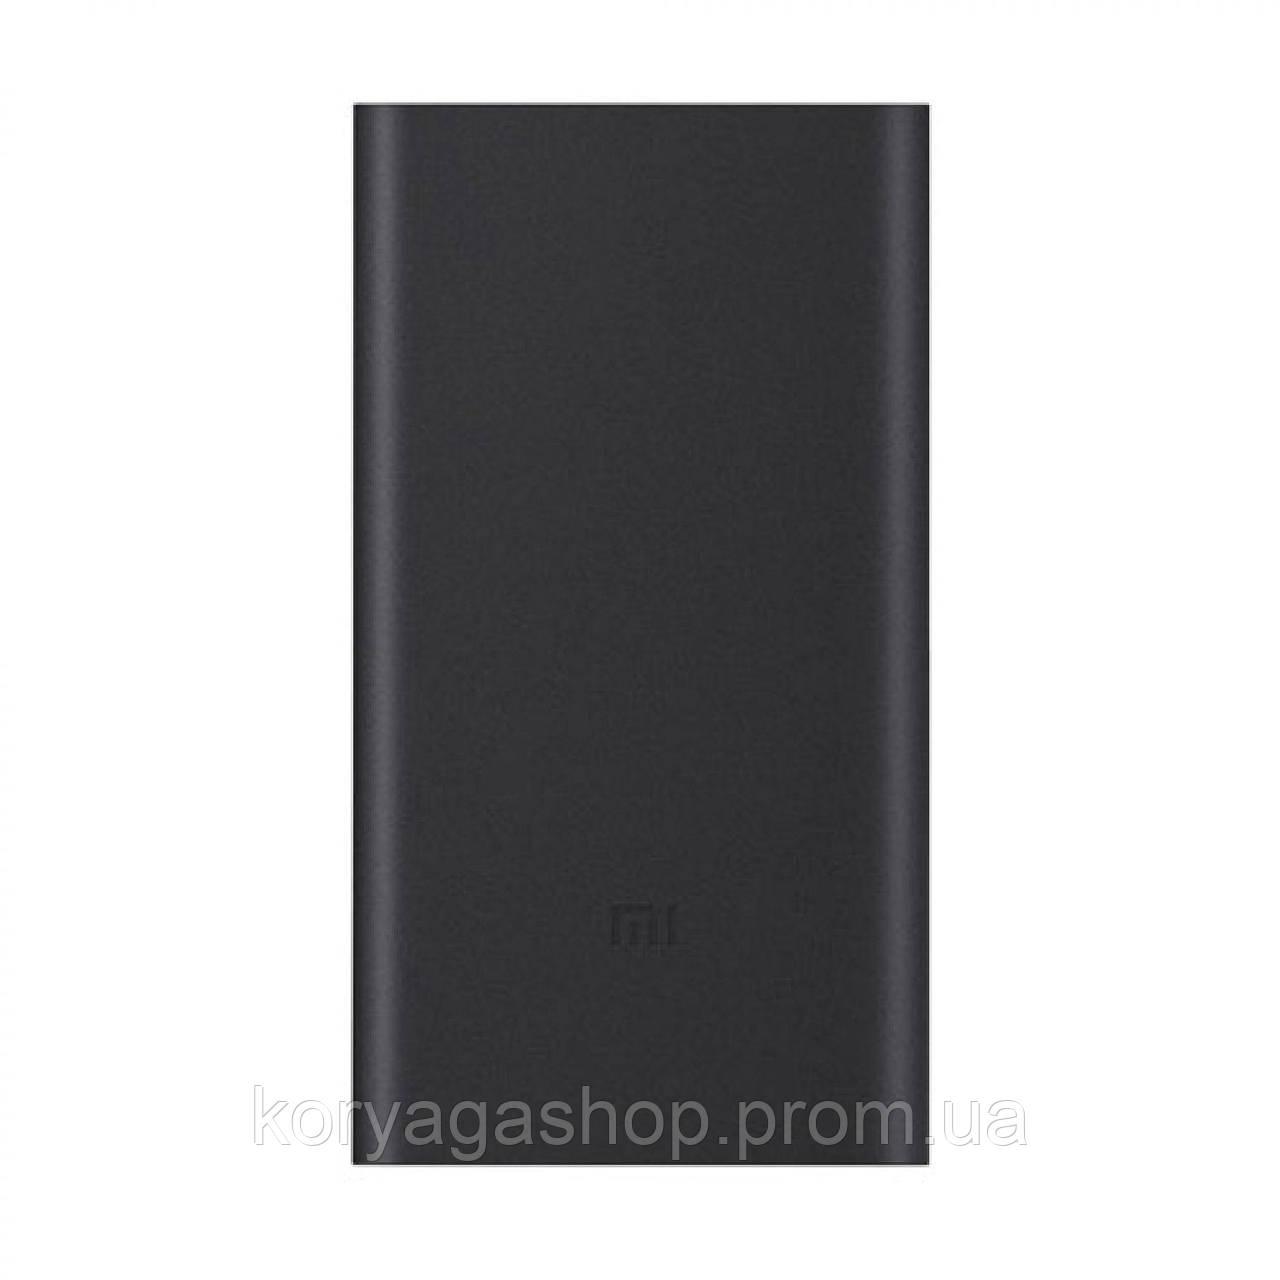 Внешний аккумулятор Xiaomi Mi Power Bank 2 10000 mAh Black (VXN4176CN)